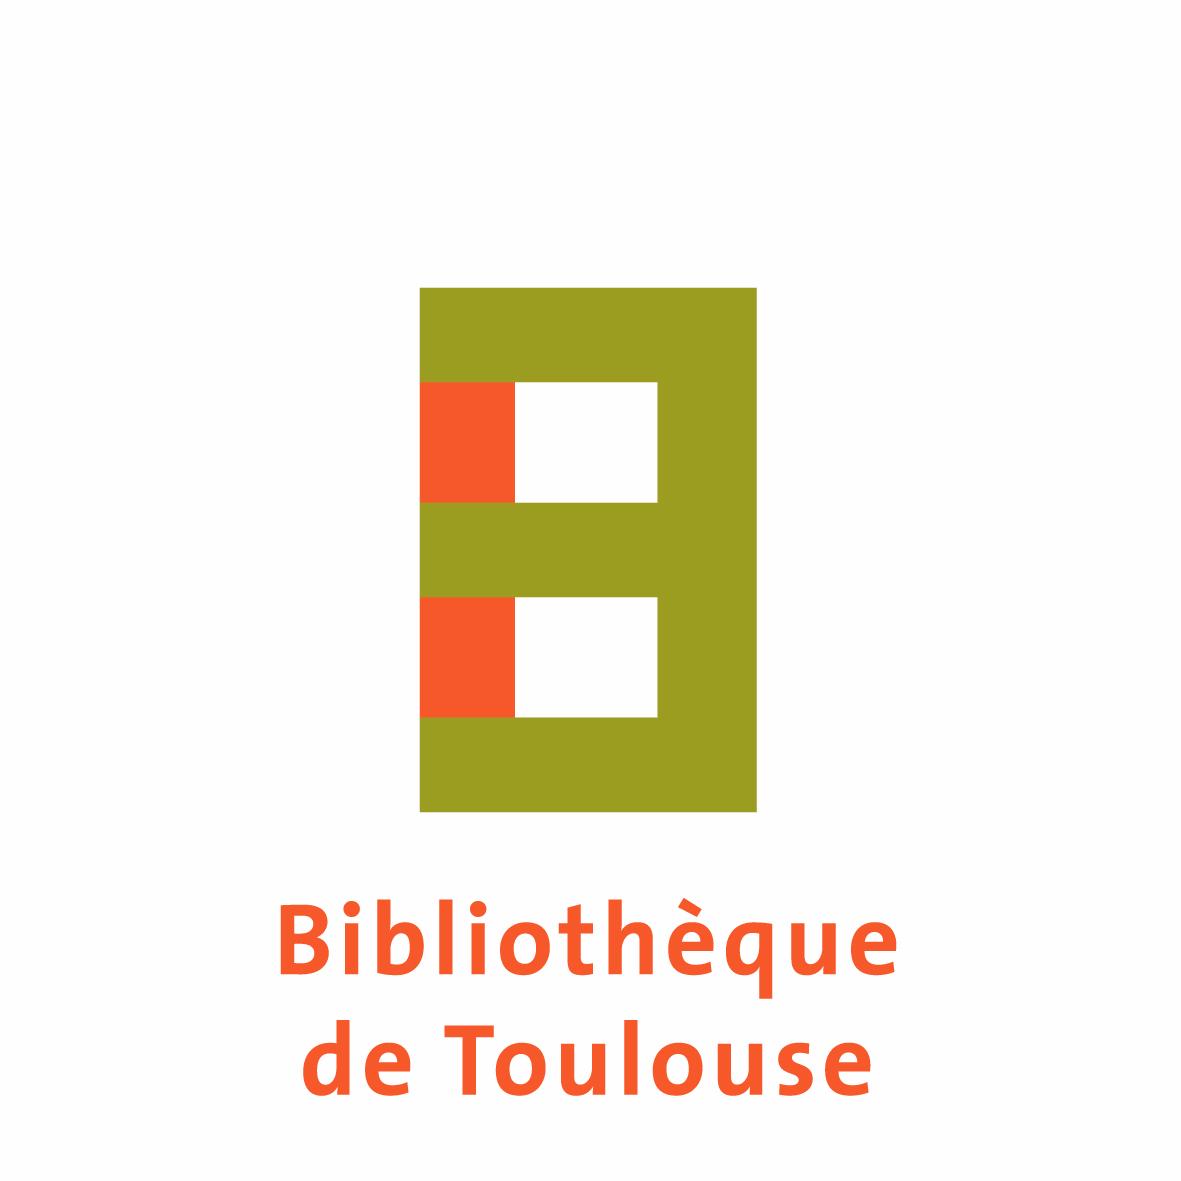 Bibliothèque de Toulouse